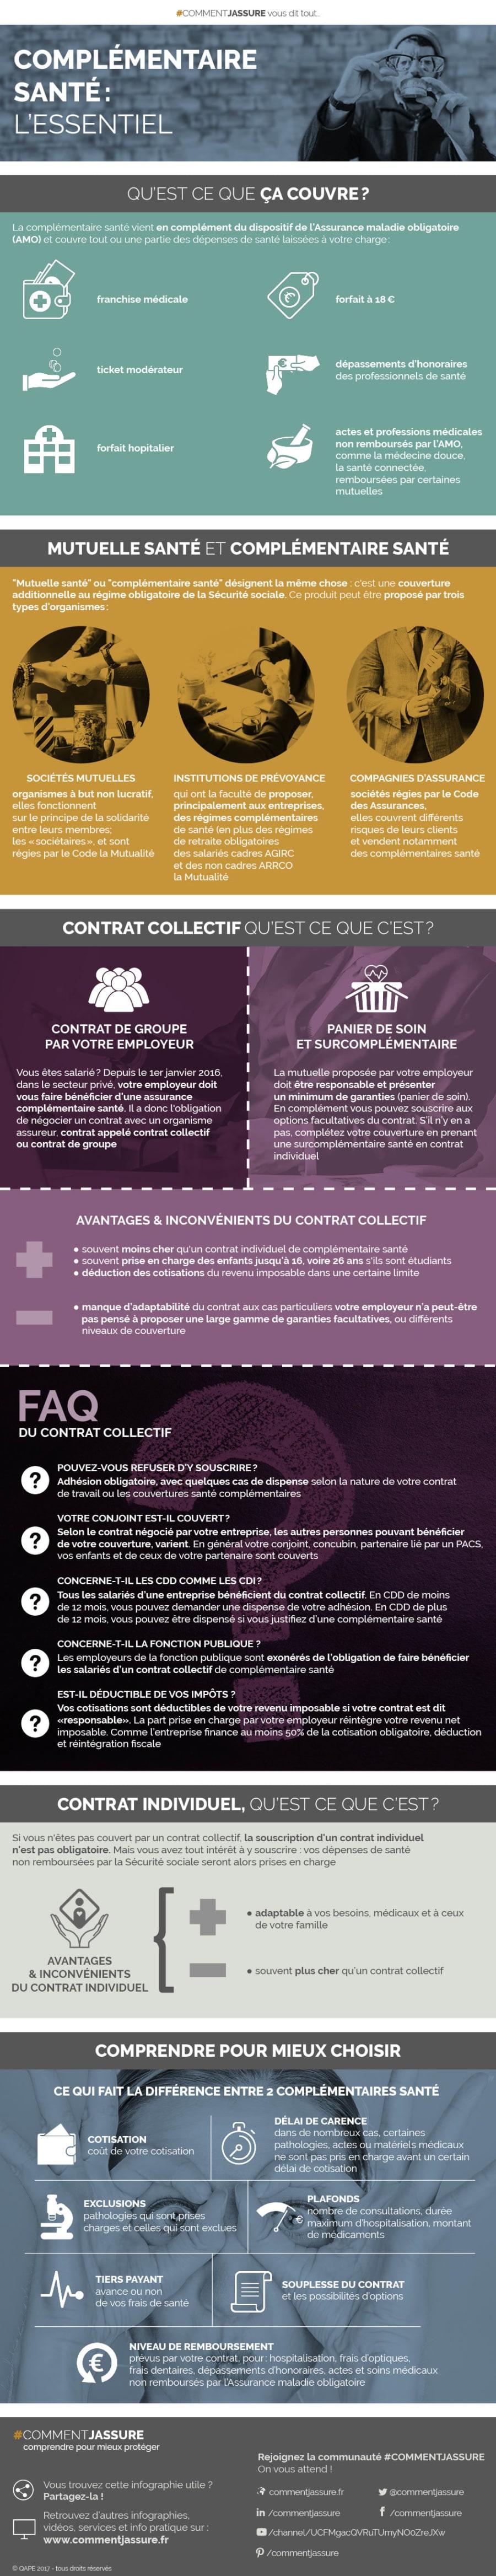 Infographie mutuelle complémentaire santé particulier : l'essentiel